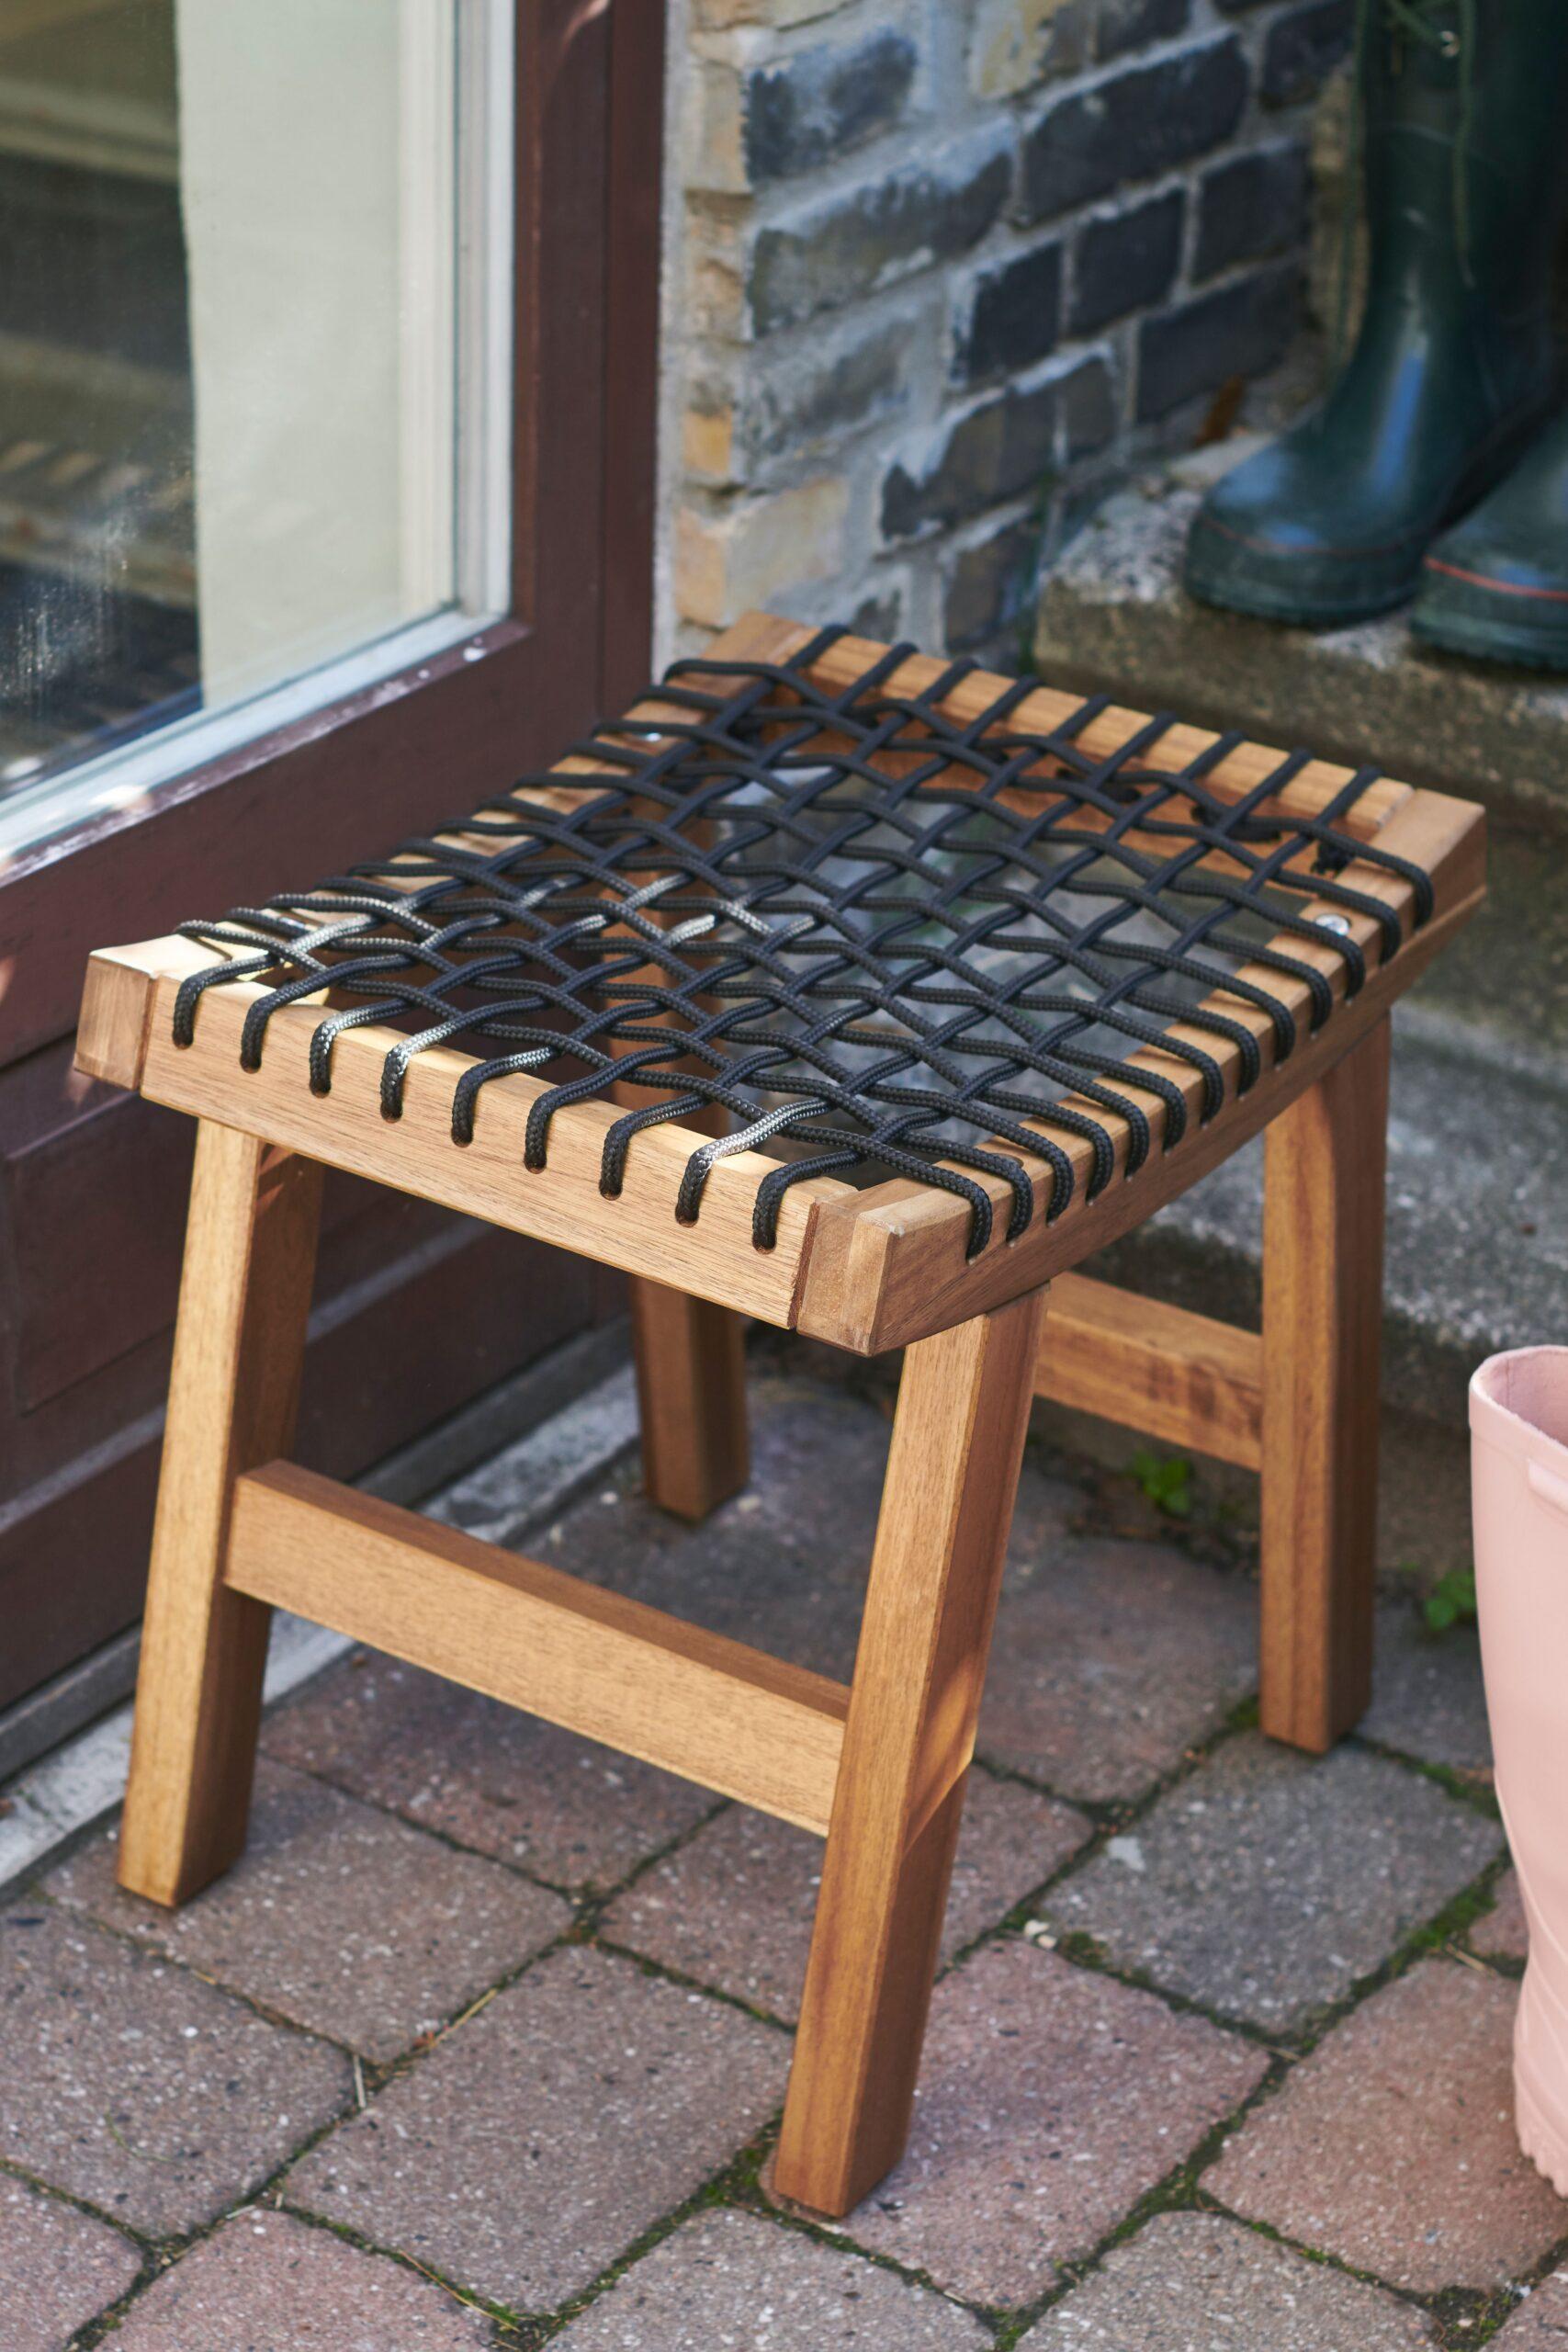 Full Size of Gartenliegen Holz Ikea Gartenliege Sonnenliege Stackholmen Hocker Auen Hellbraun Lasiert Deutschland Holzregal Badezimmer Altholz Esstisch Küche Kosten Wohnzimmer Gartenliege Holz Ikea